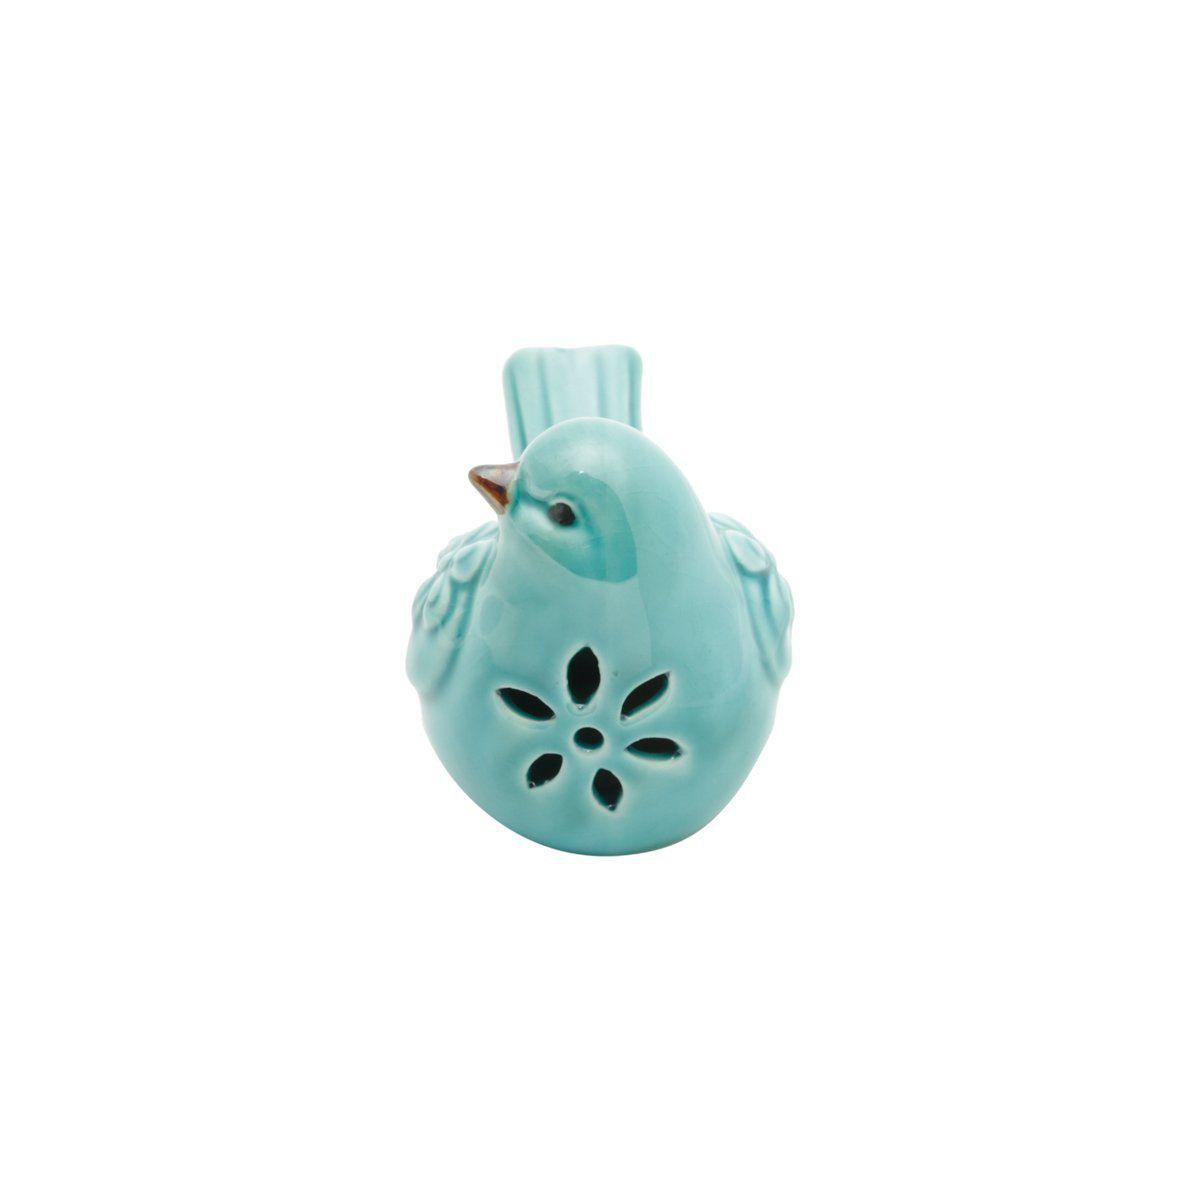 Pássaro decorativo 10,5 x 6 cm de cerâmica azul Garden Lyor - L4173